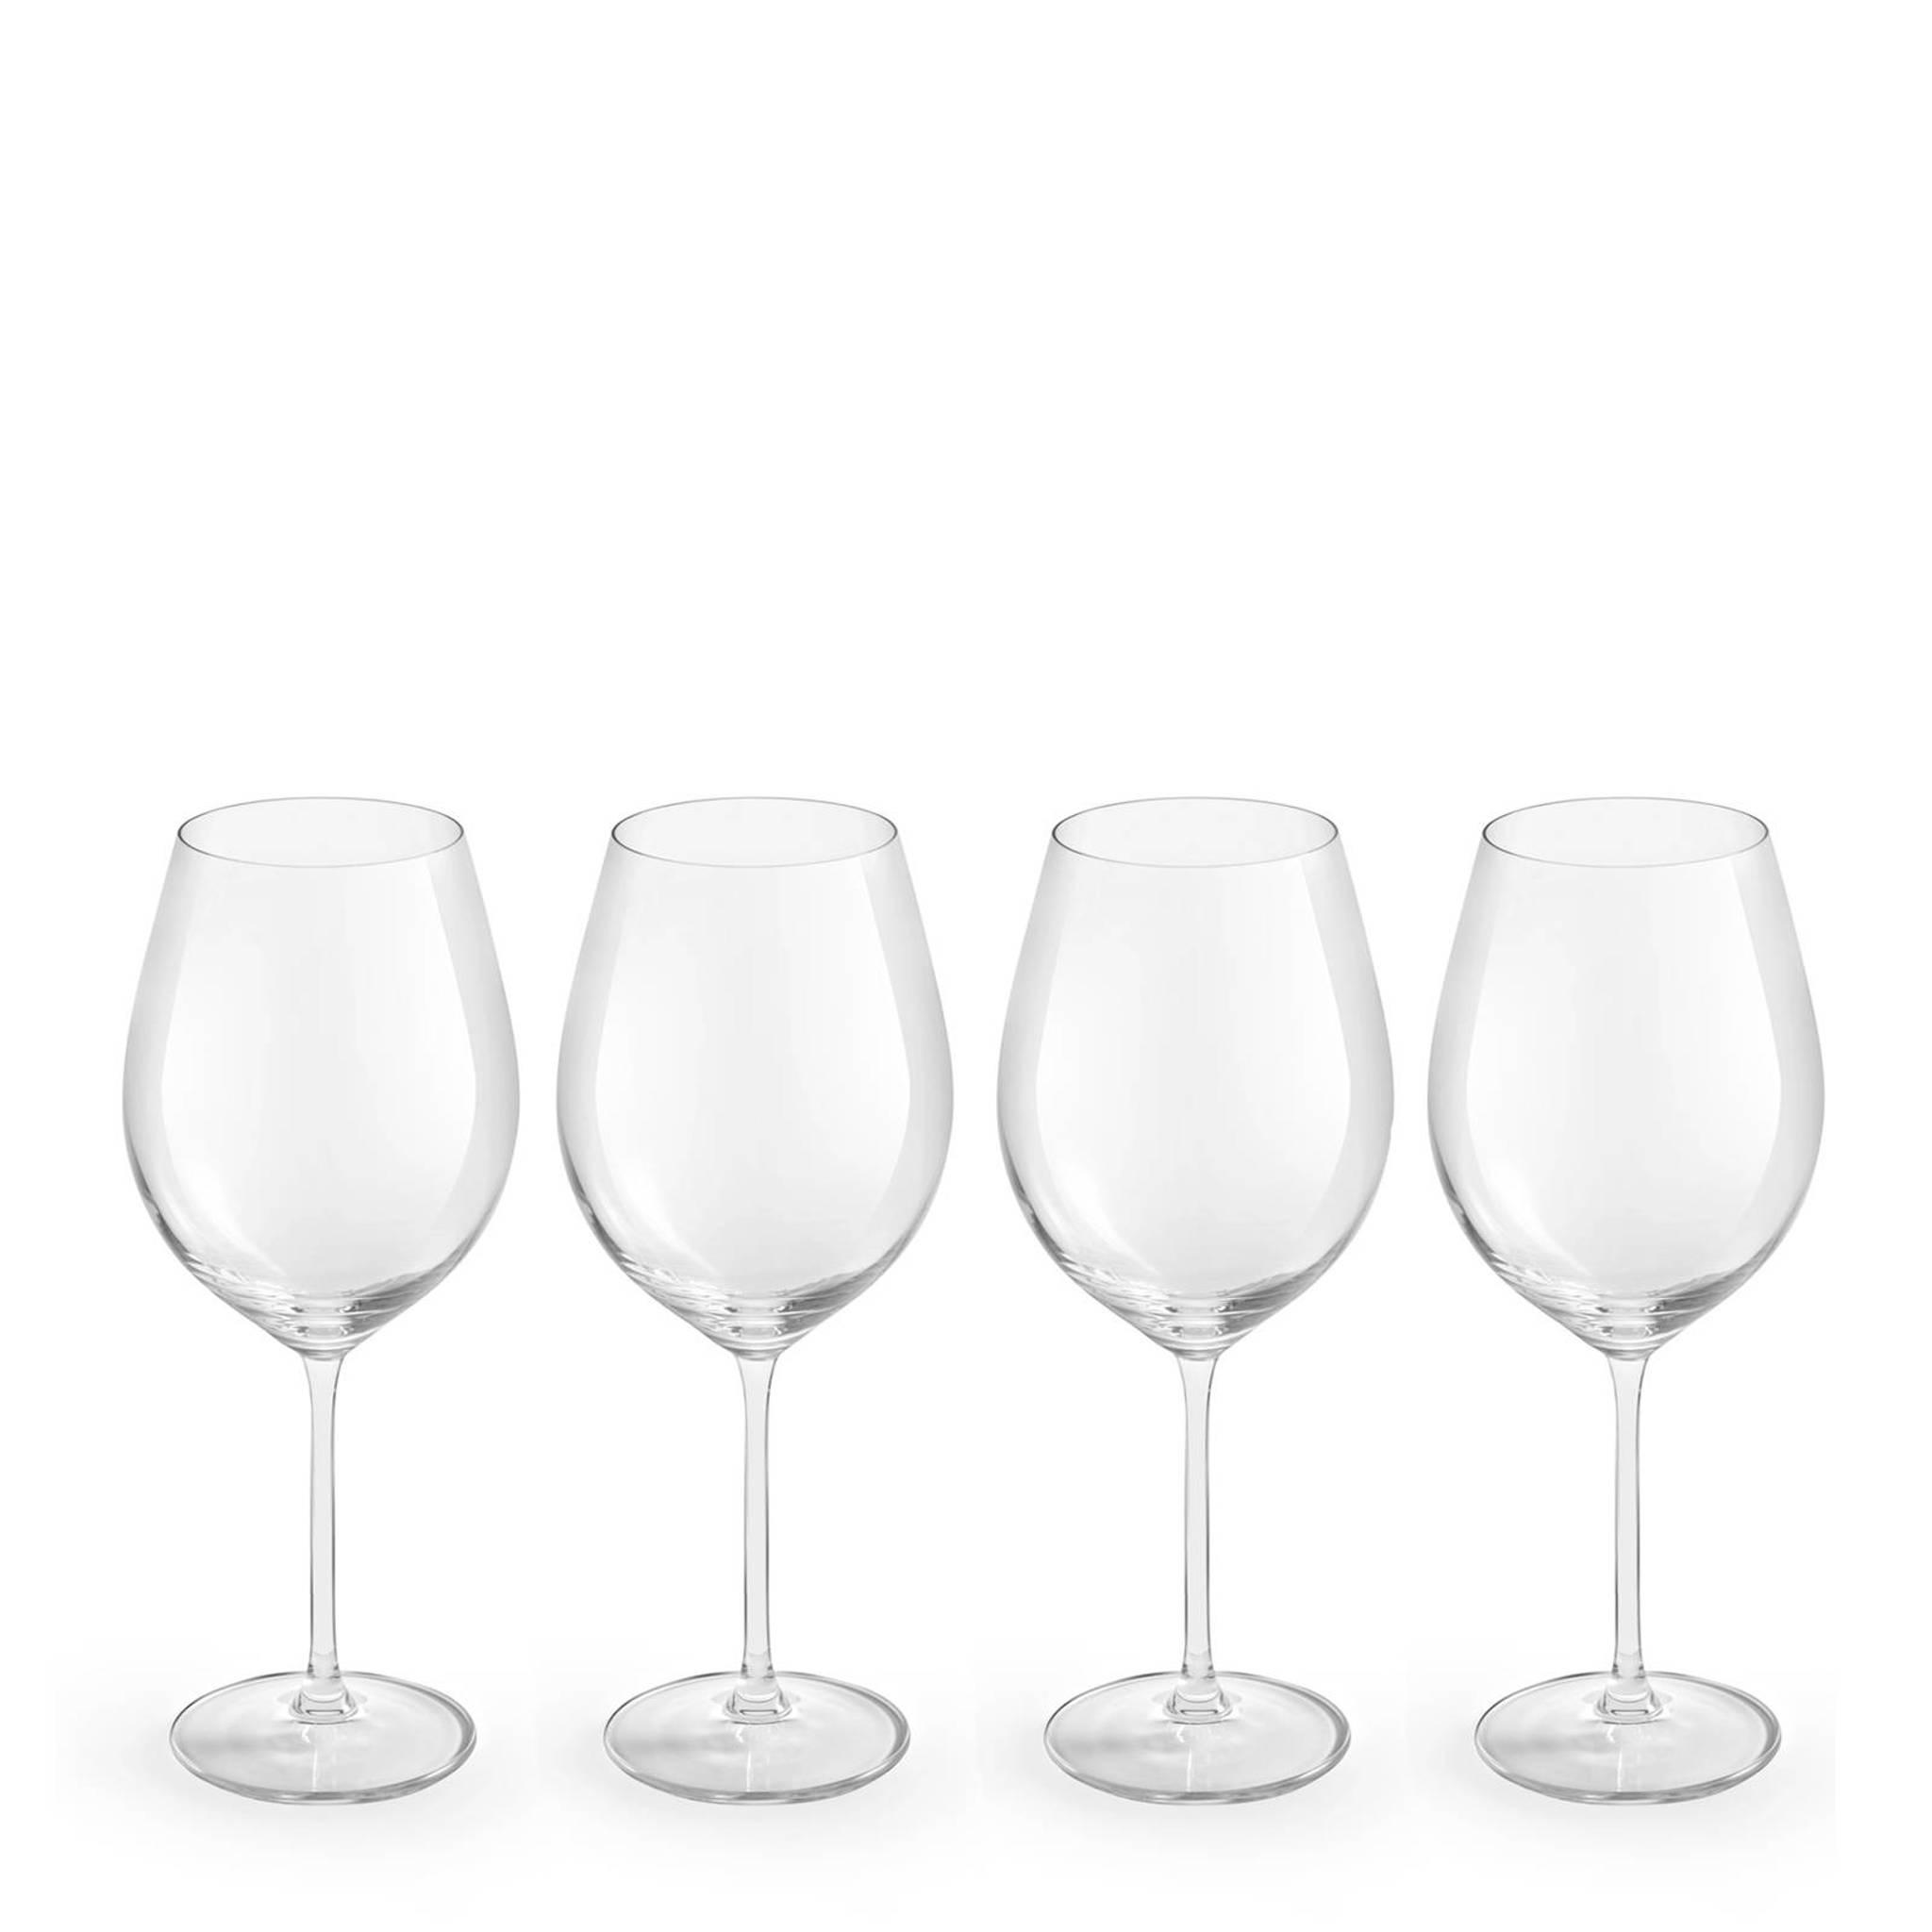 Royal Leerdam Wijnglazen.Royal Leerdam Finesse Enology Rode Wijnglas Set Van 4 Wehkamp